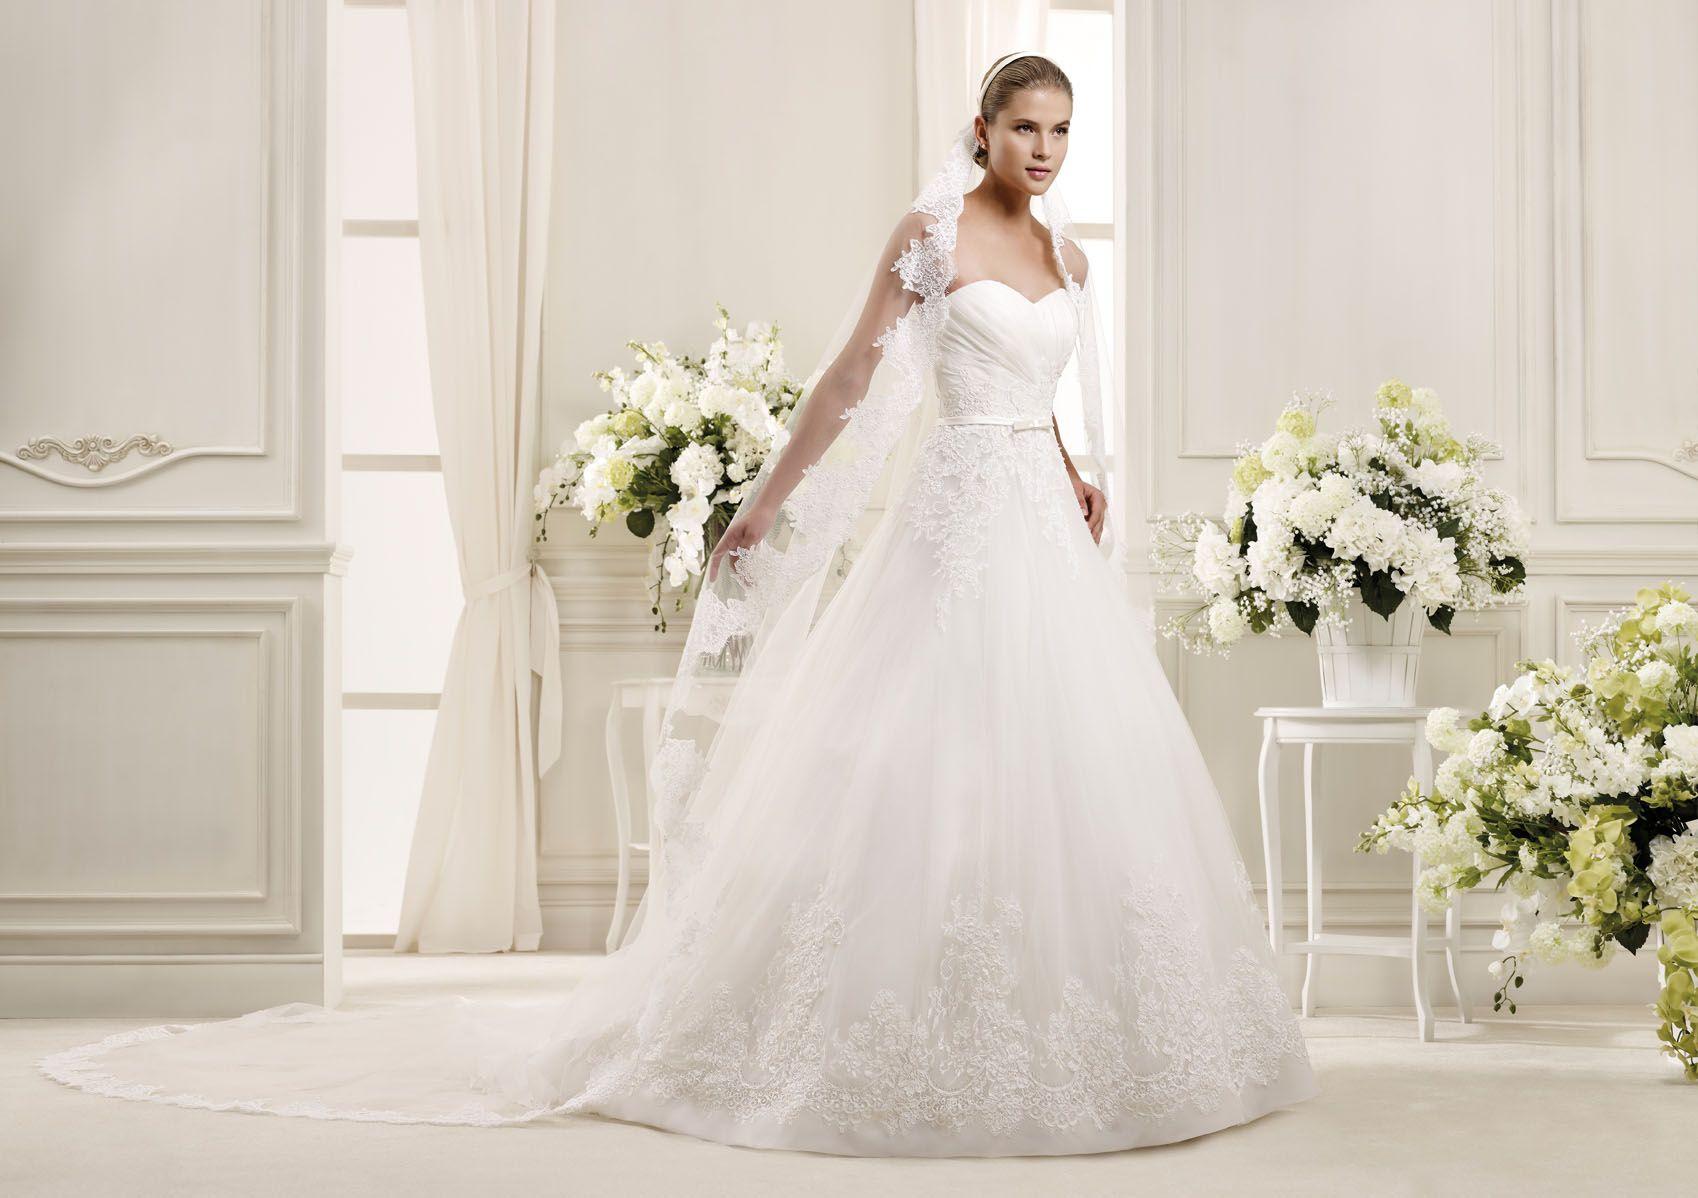 Abiti da sposa 2016, Nicole Spose: vestito con maniche di pizzo - Google keresés